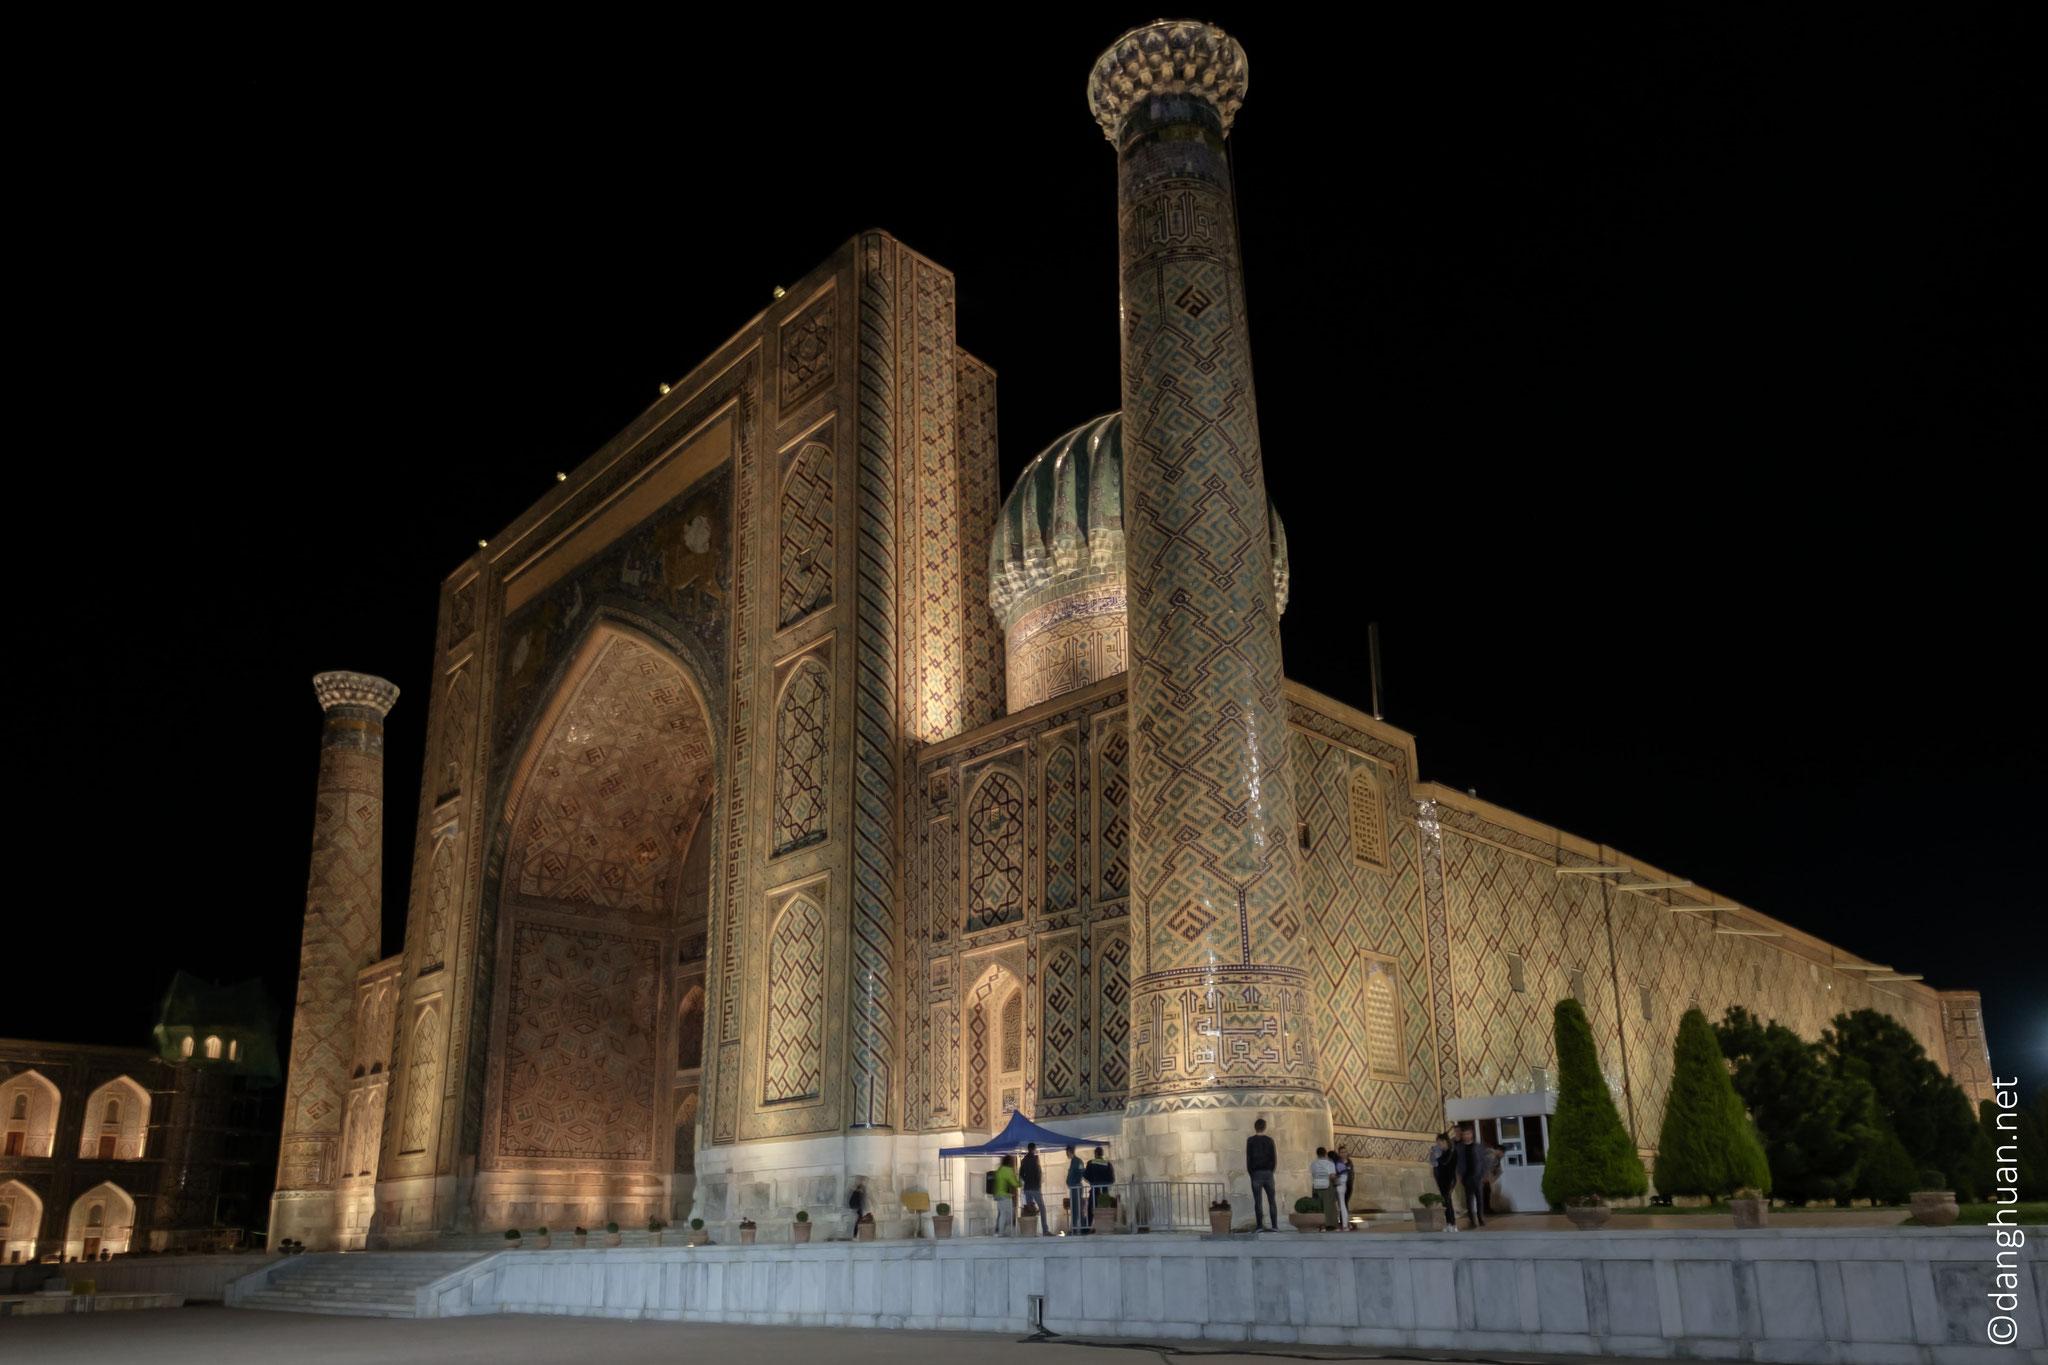 La médersa Cher-Dor est construite en 1619-1636 à la place de khanaqa d'Ouloughbek tombée en ruines pendant 2 siècles...